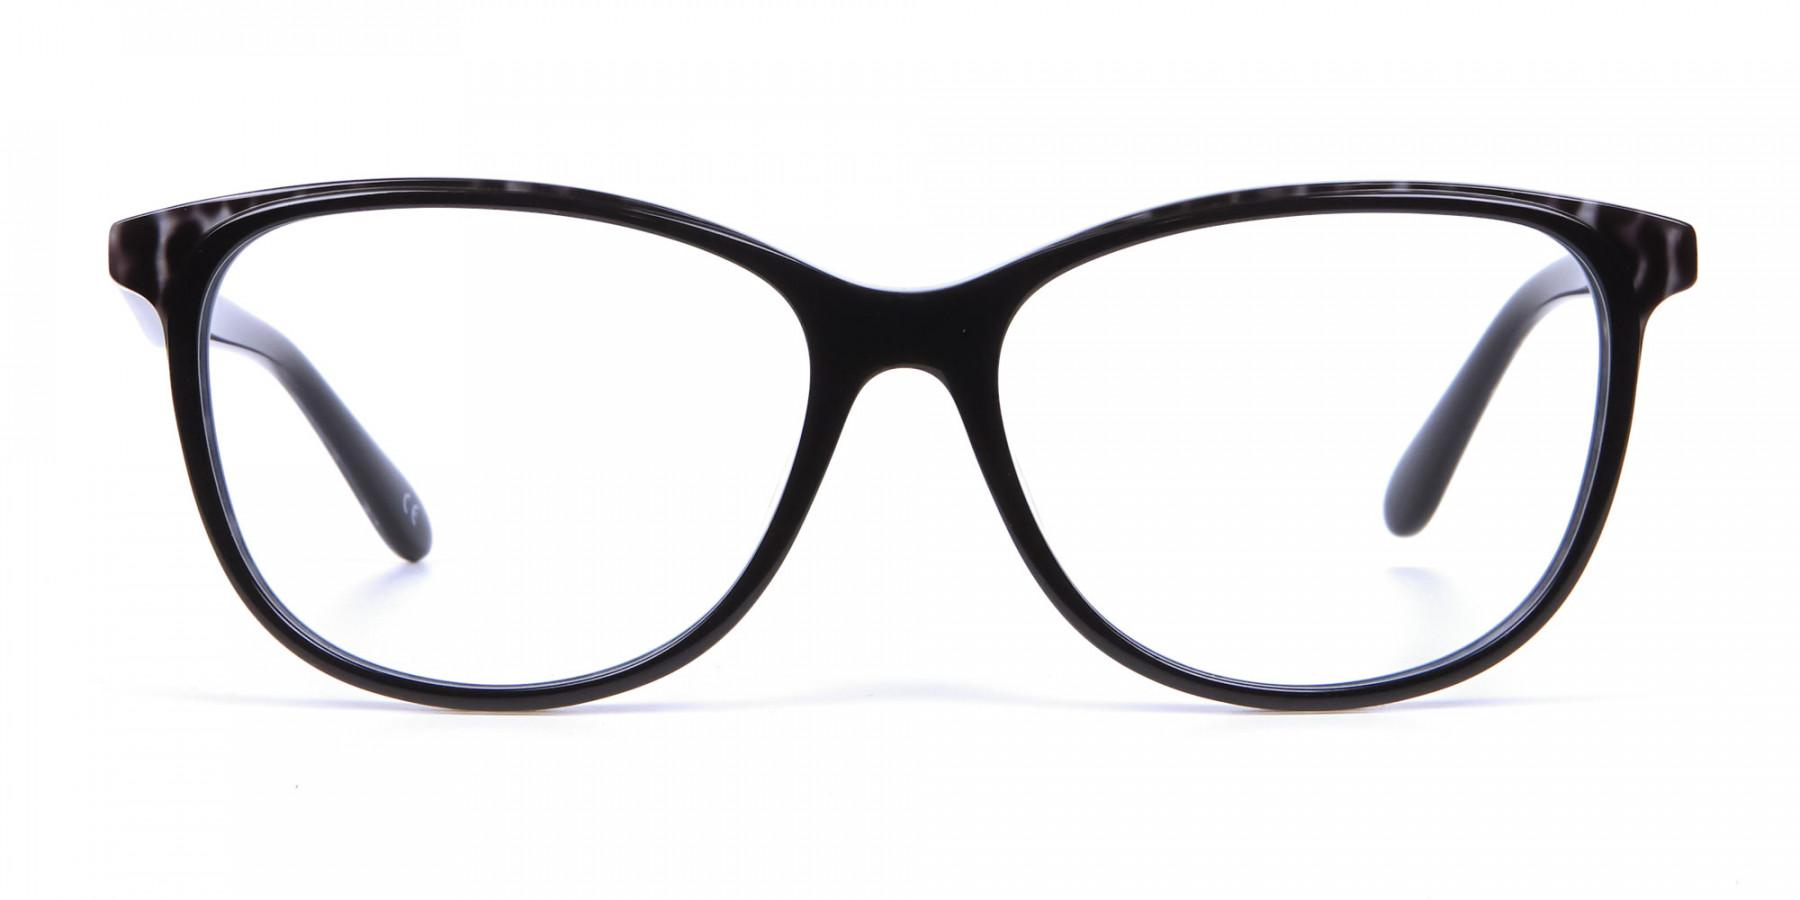 Black Cat Eye Glasses for Women